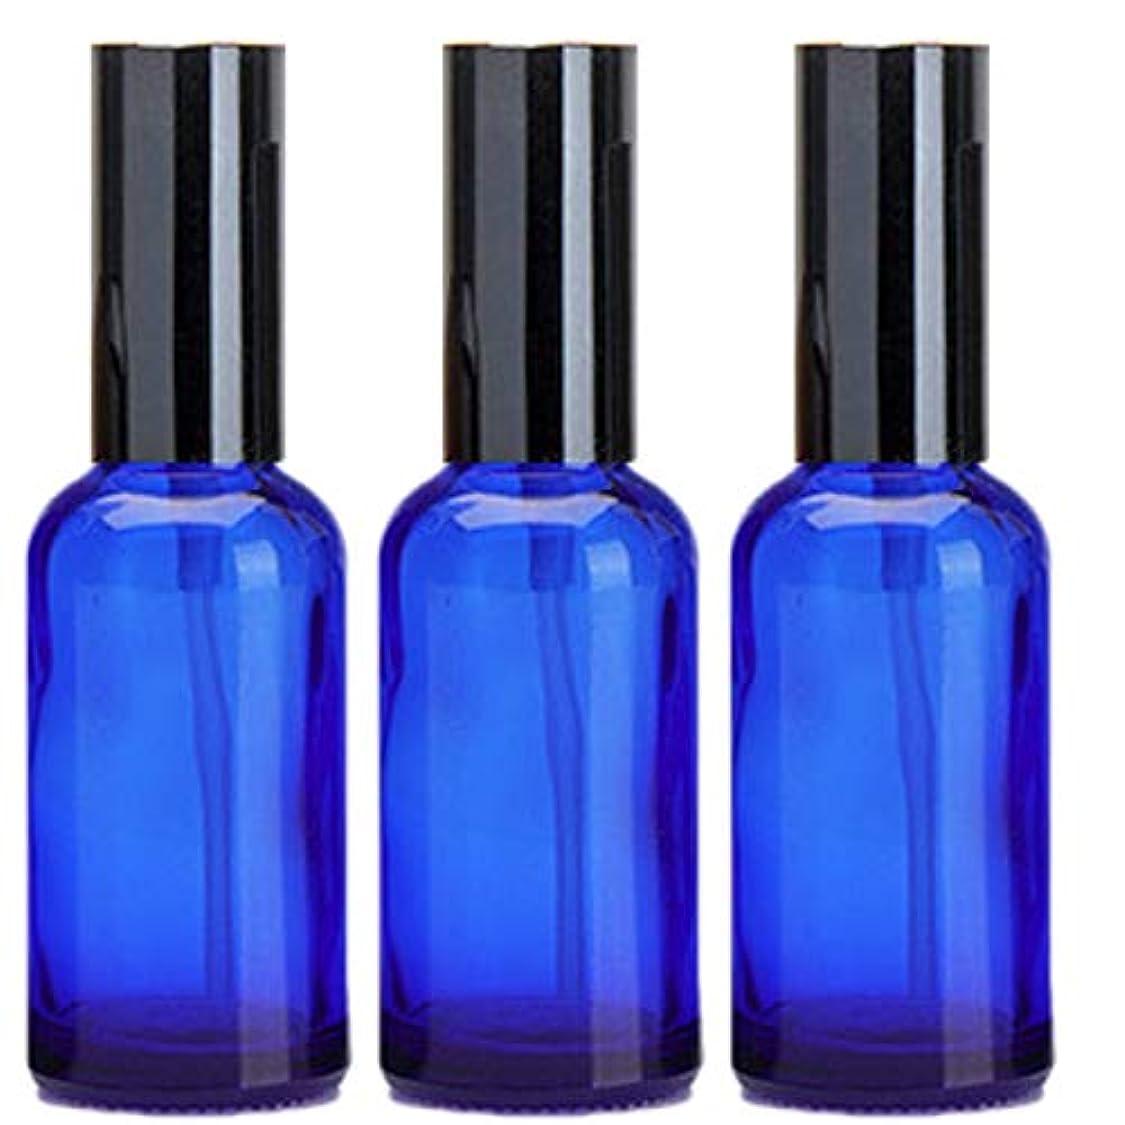 とにかく同一の流産乳液 ボトル 3本セット クリーム容器 アロマクリーム ハンドクリーム 遮光瓶 ガラス 瓶 アロマ ボトル ビン 保存 詰替え 青色 ブルー (30m?3本)